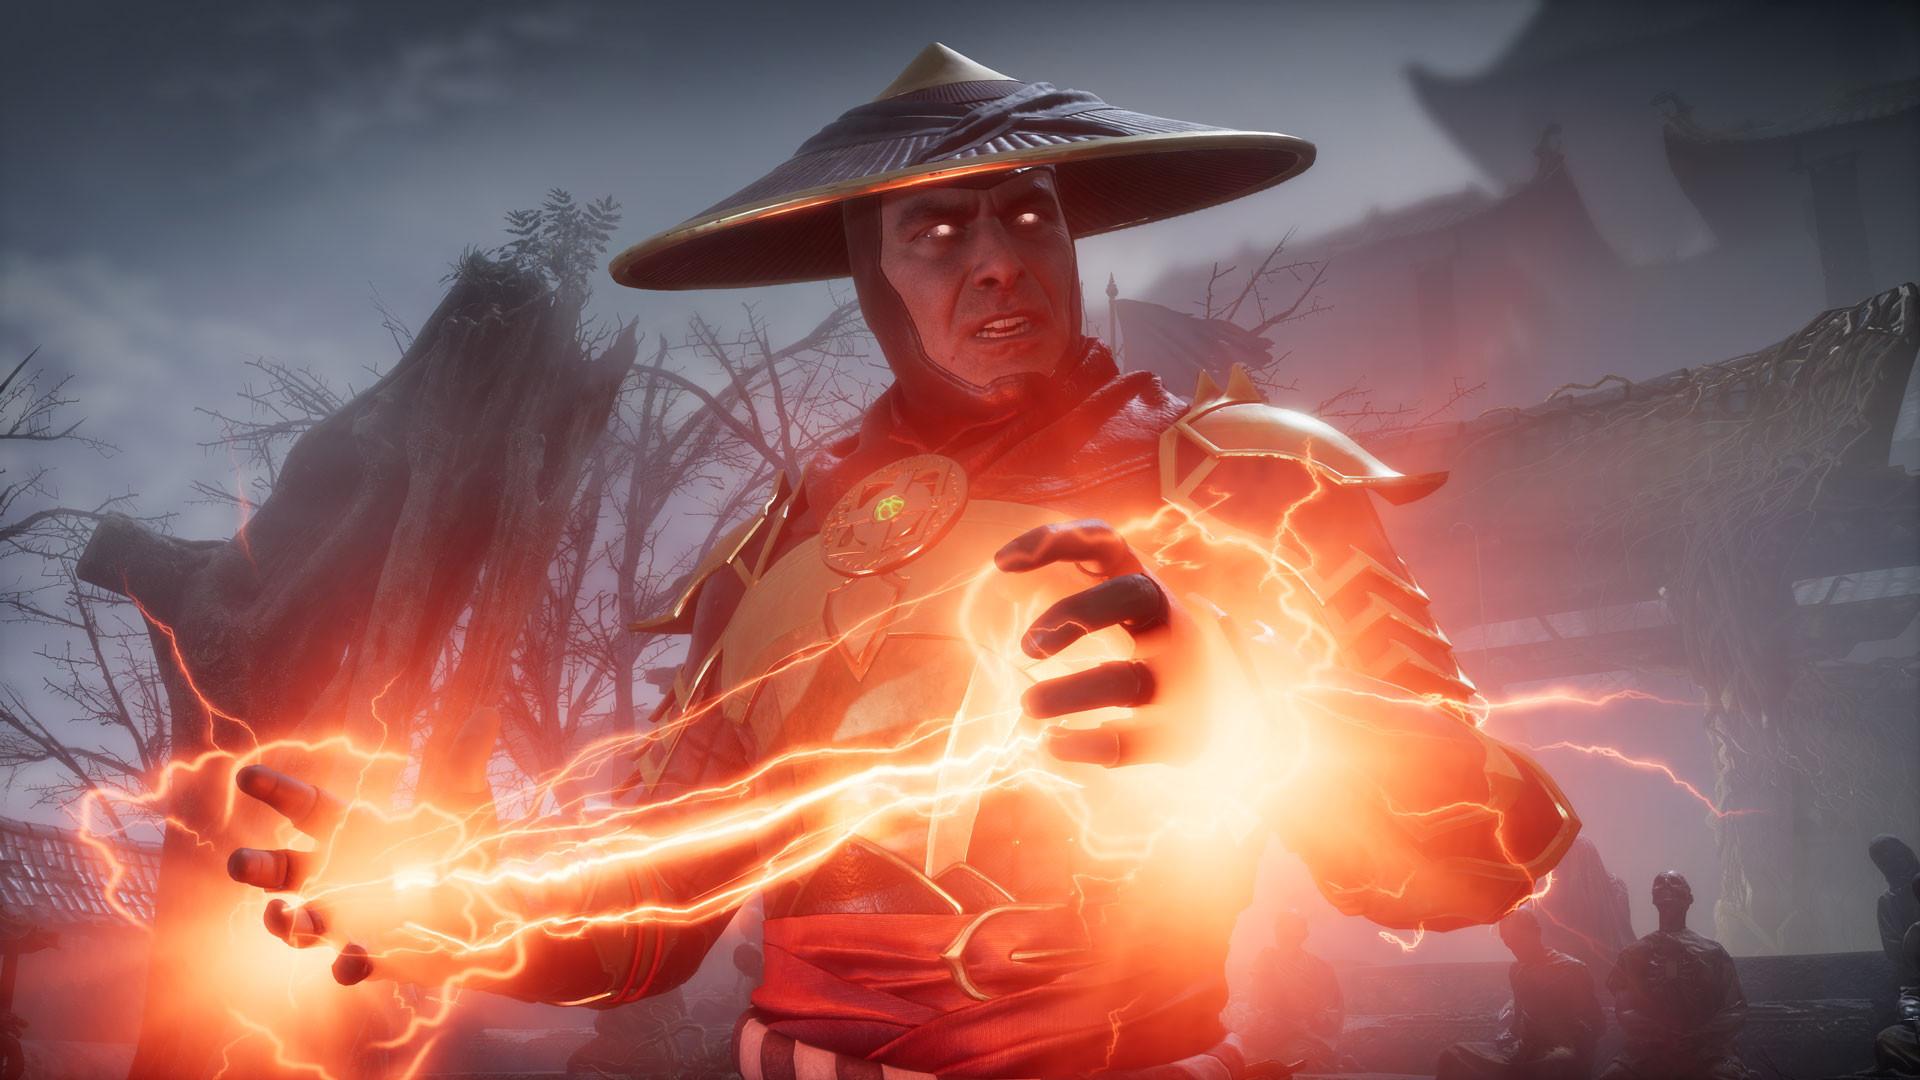 На этой неделе выйдет демка Mortal Kombat 11. Озвучкой Сони занимается известный рестлер